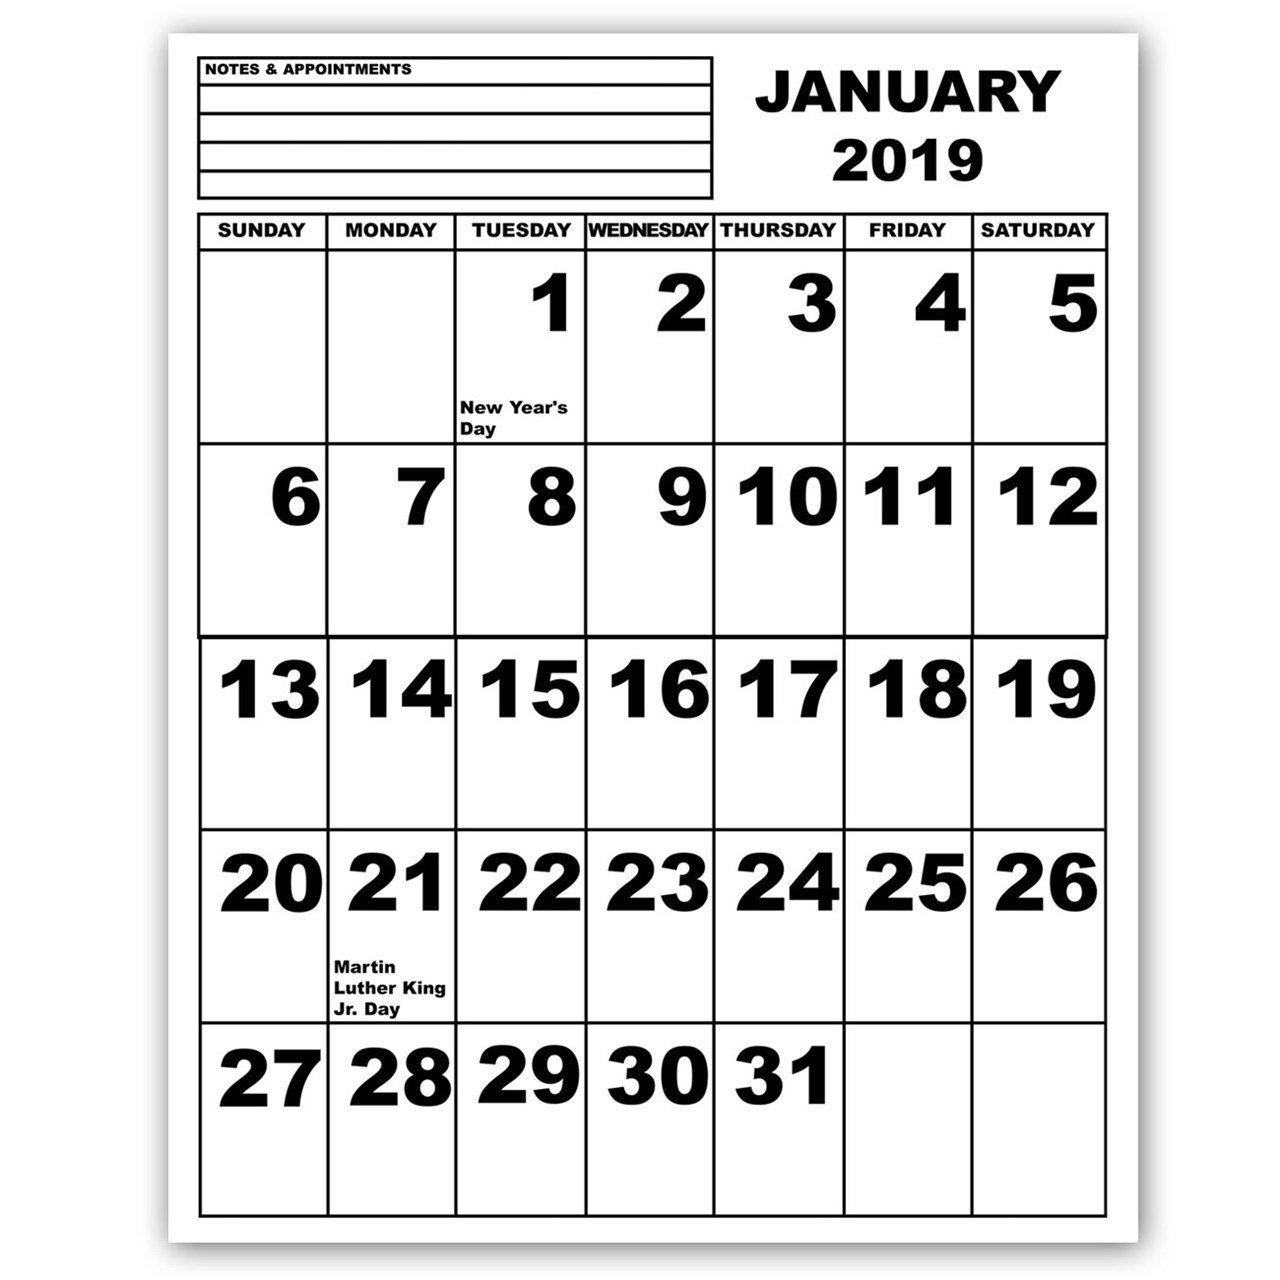 Maxiaids | Jumbo Print Calendar – 2019 Calendar 2019 Large Printable